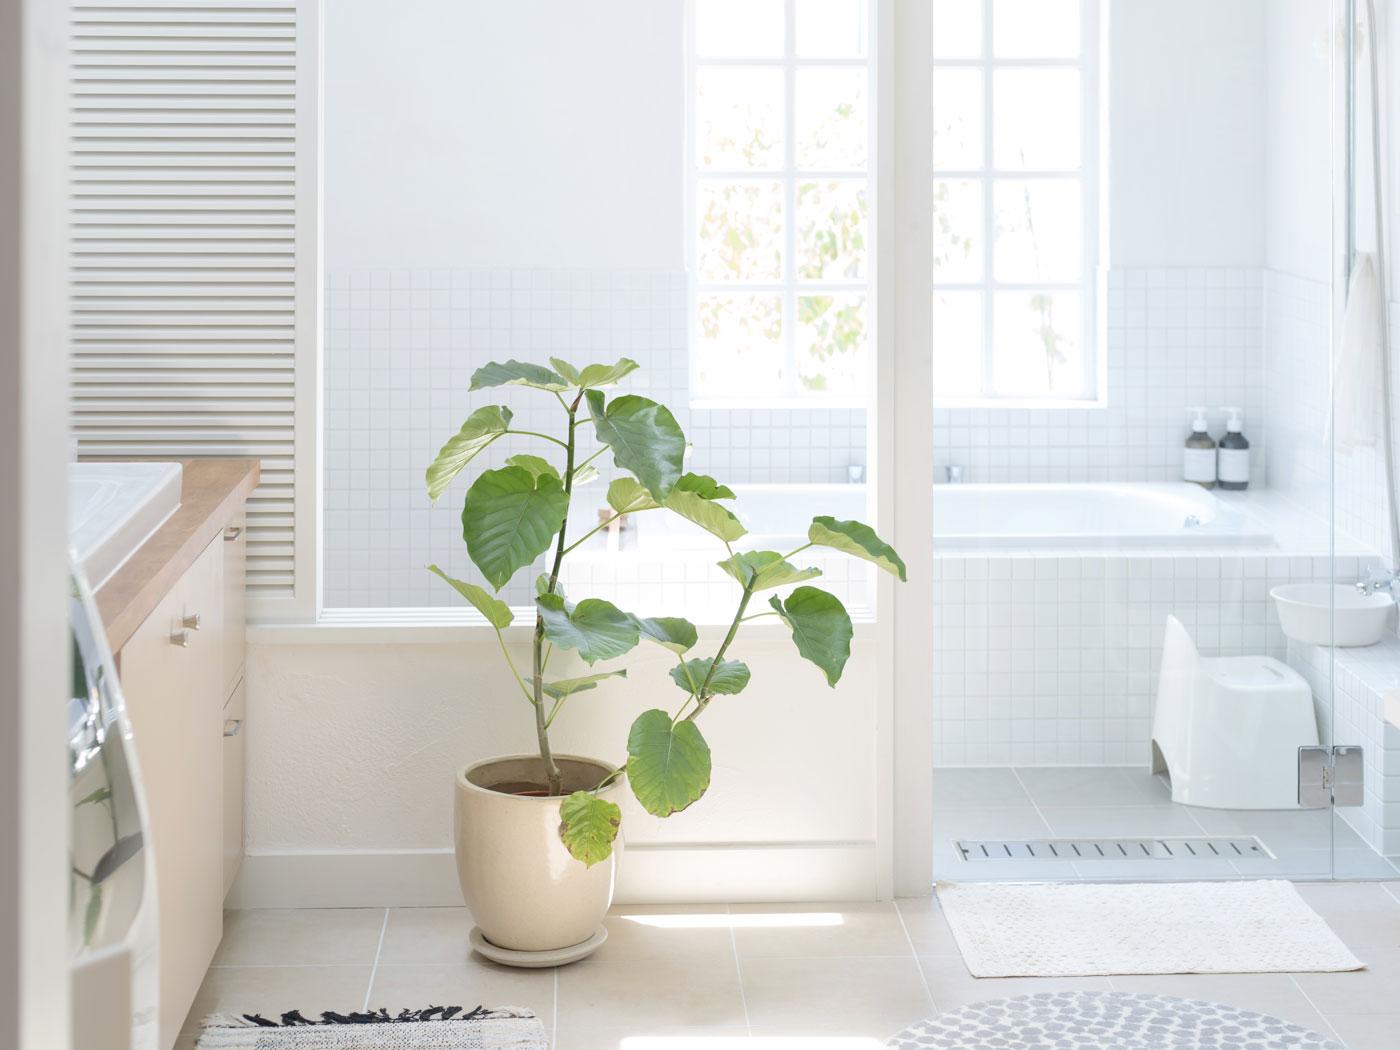 Genesis_Bathroom12